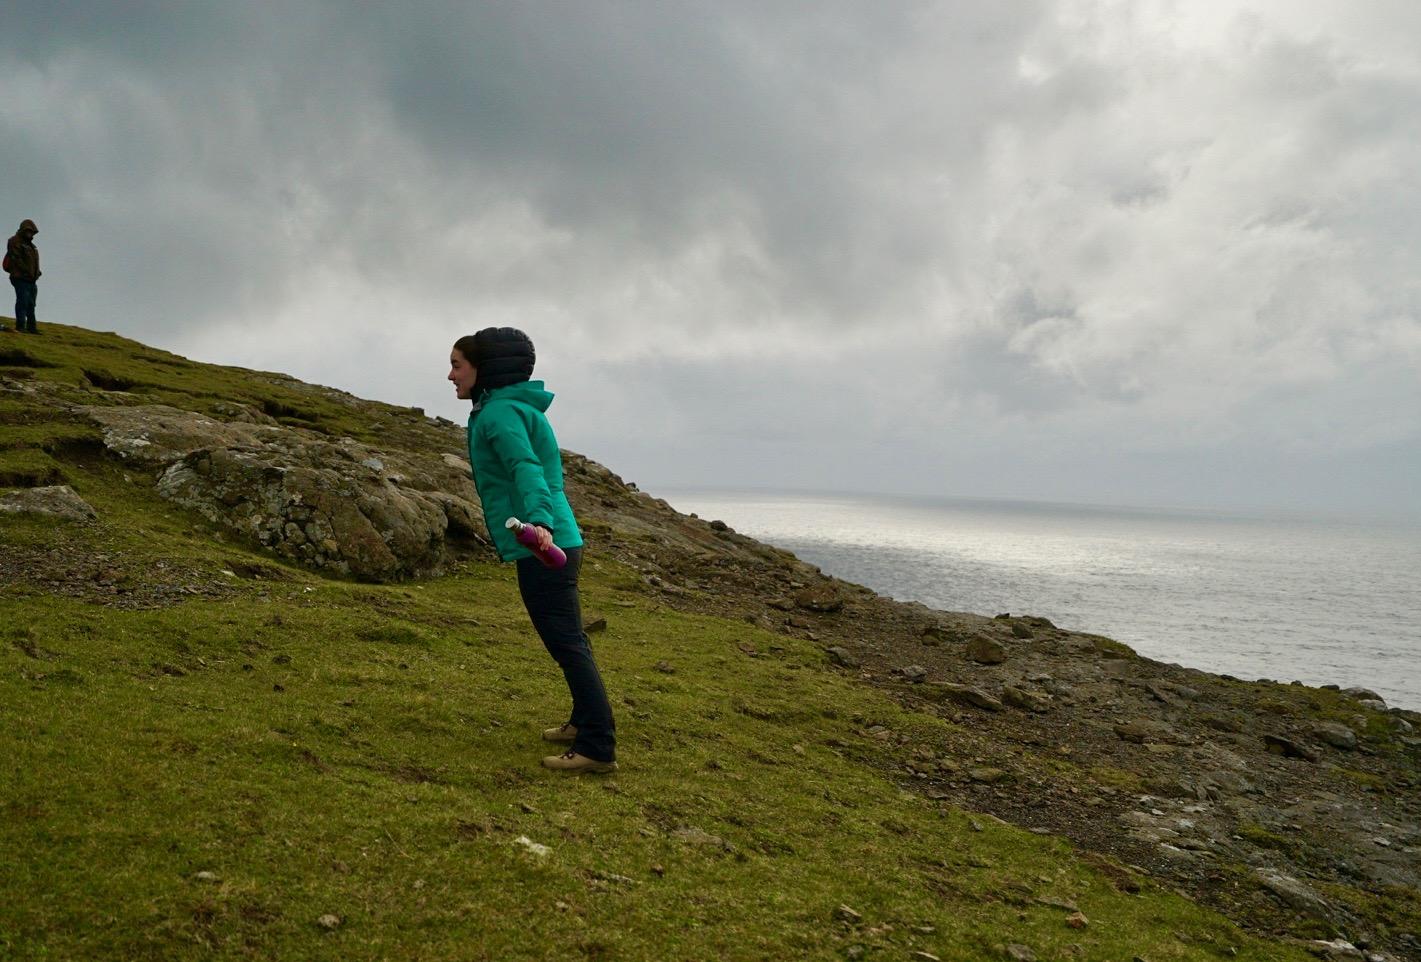 That wind! Faroe Islands - October 2017